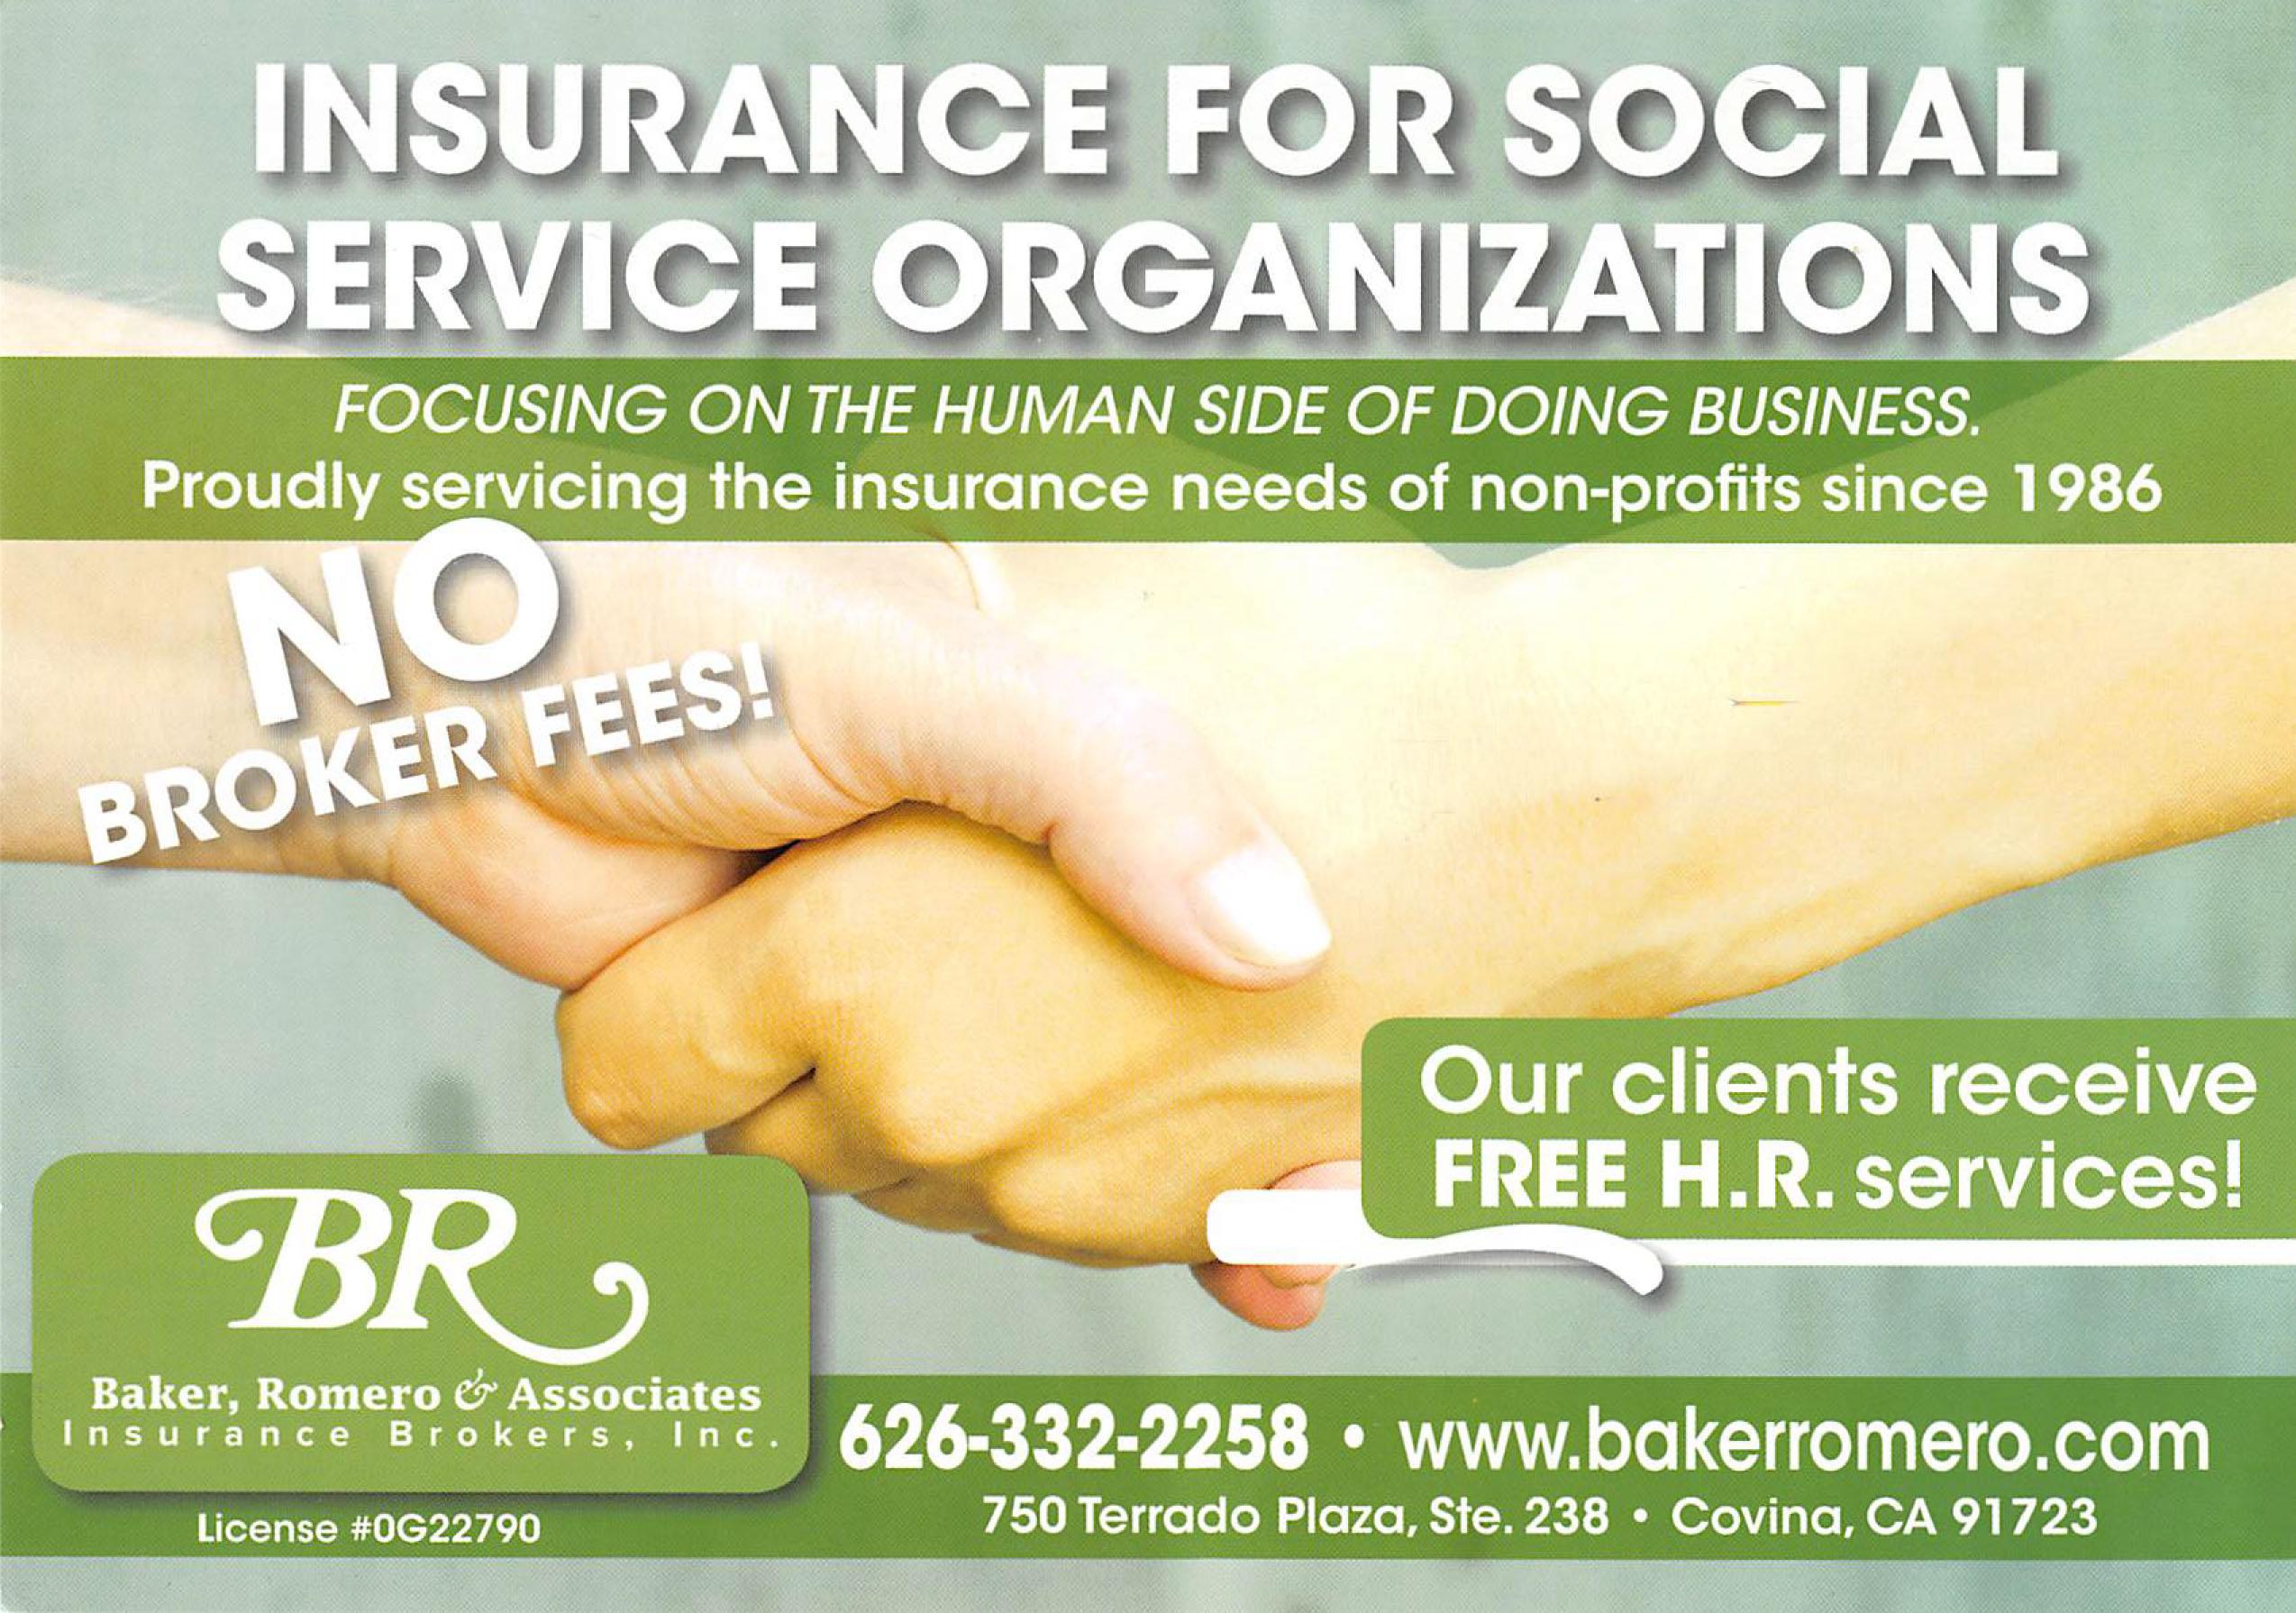 Insurance flyer for social organizations-1